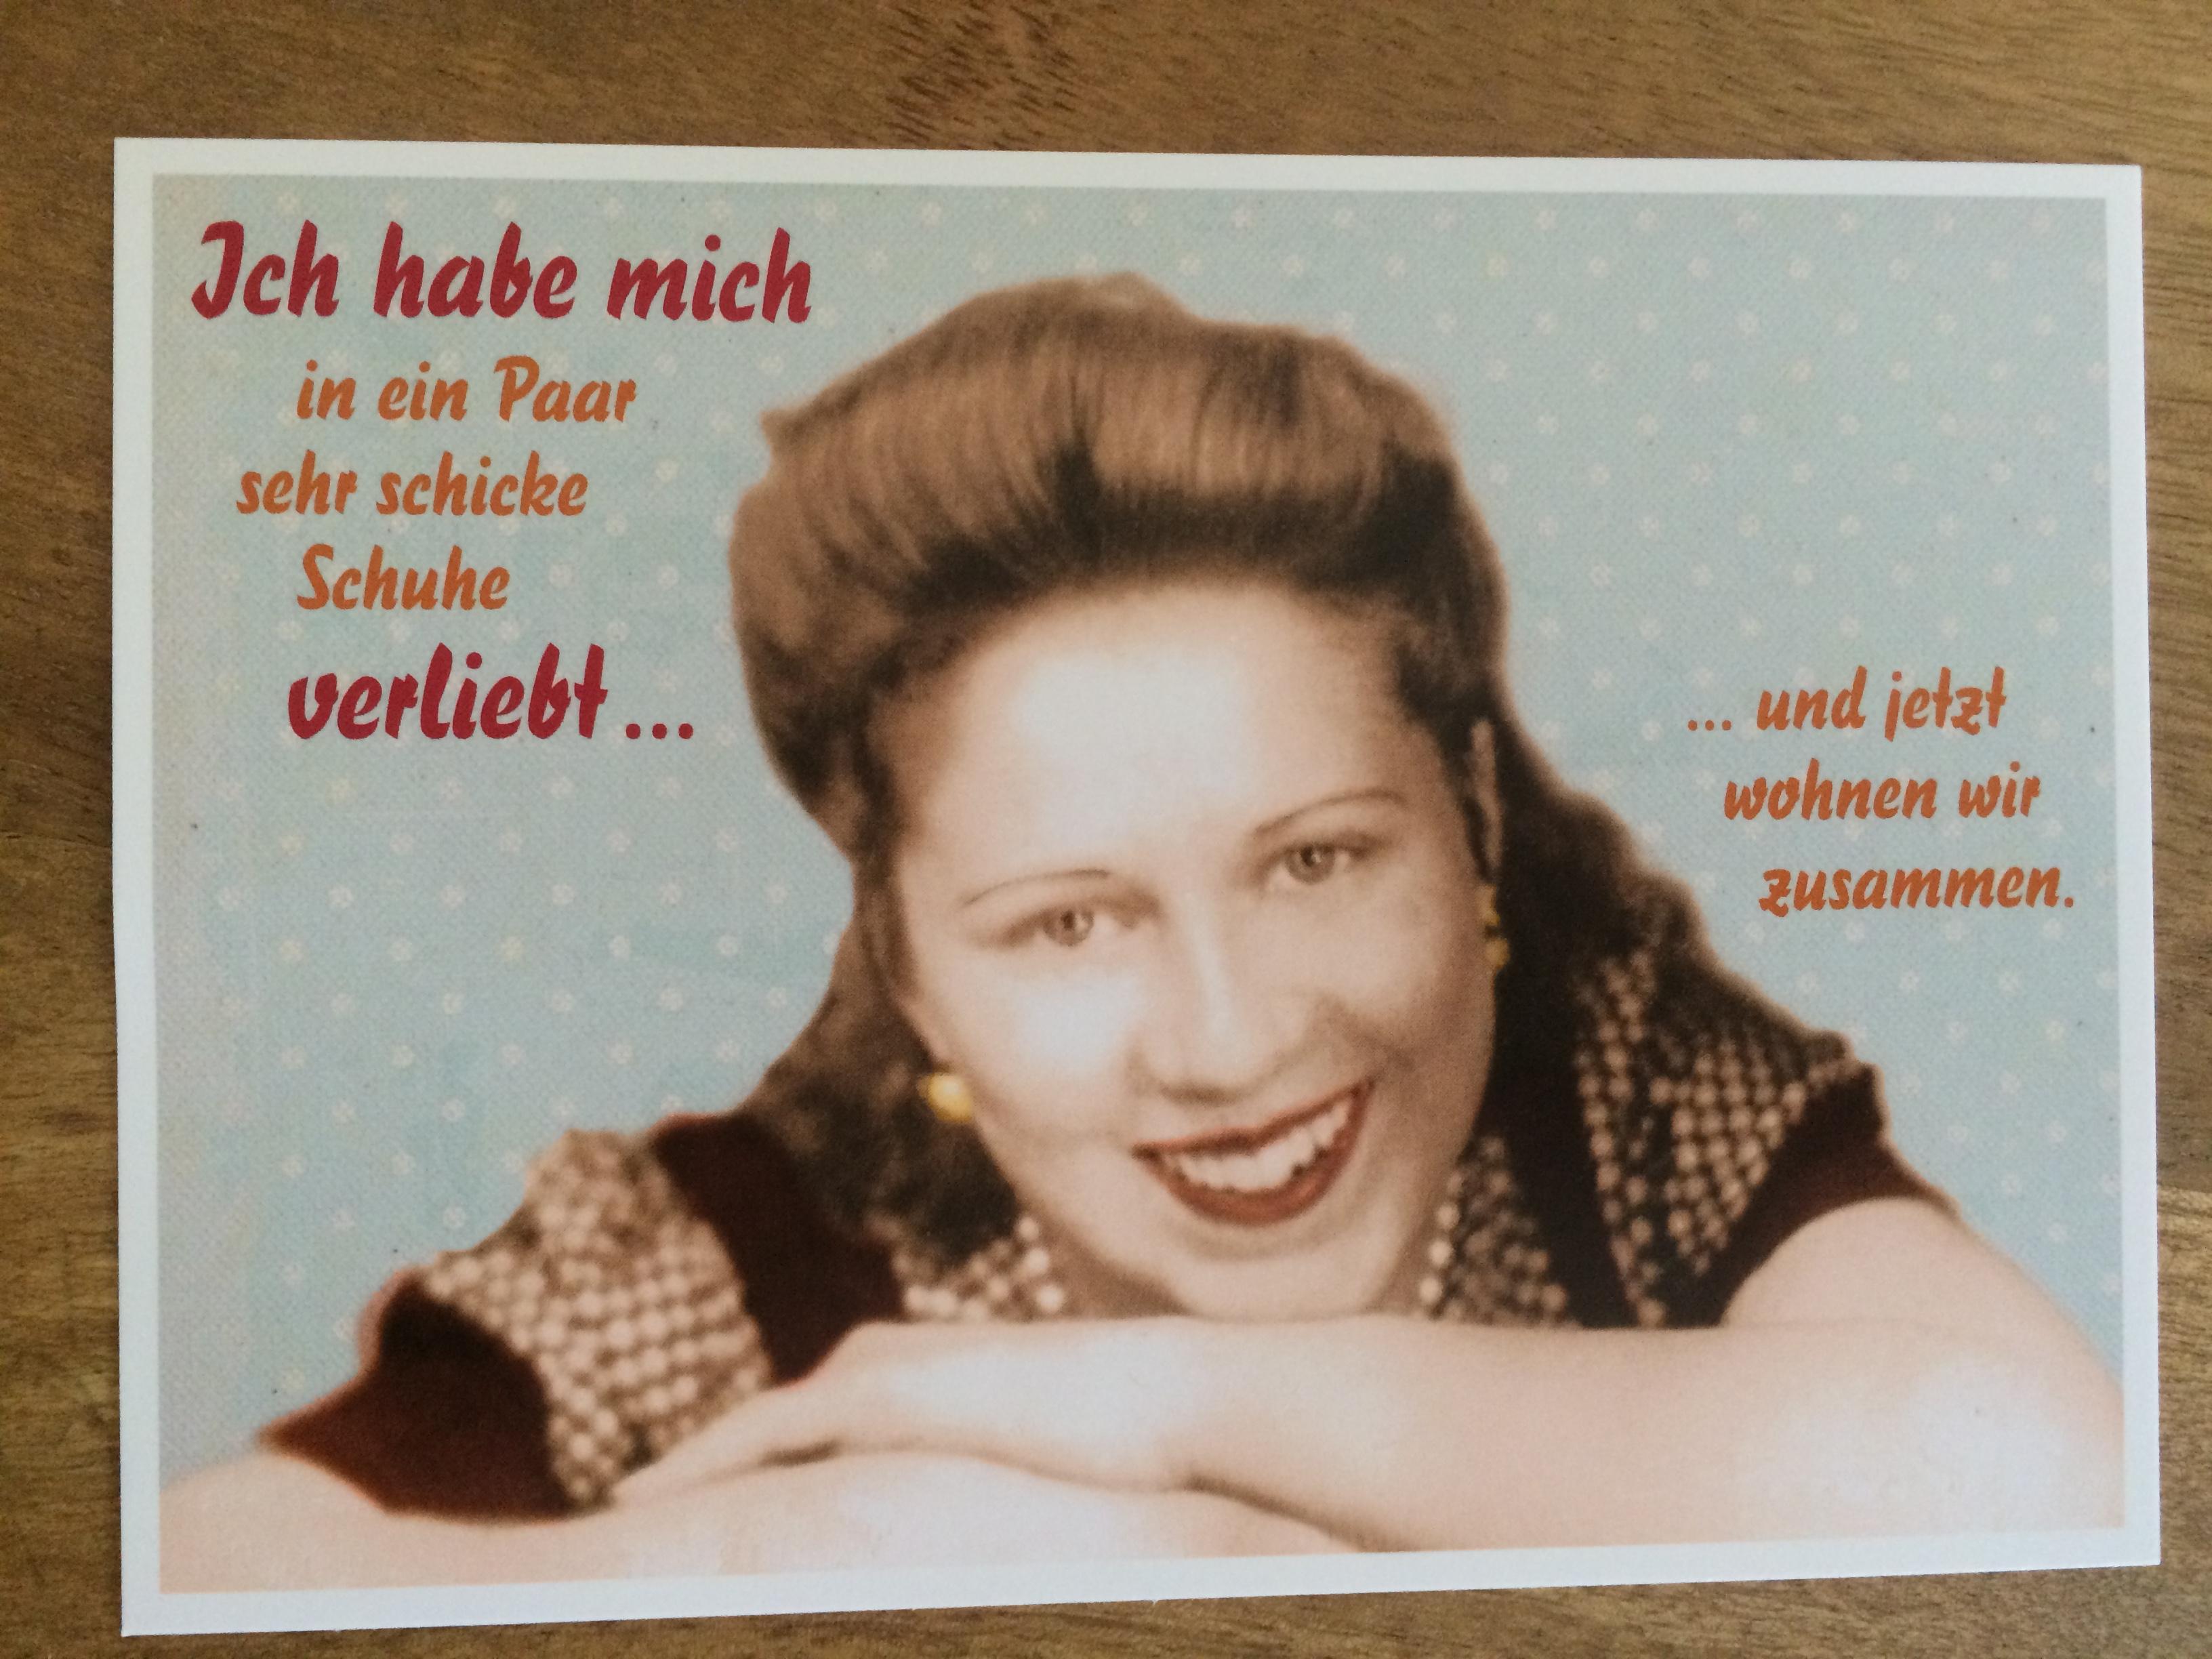 Nützlichgrusskarten - Postkarte Karte Ich habe mich in ein Paar sehr schicke Schuhe verliebt... ... und jetzt wohnen wi - Onlineshop Tante Emmer